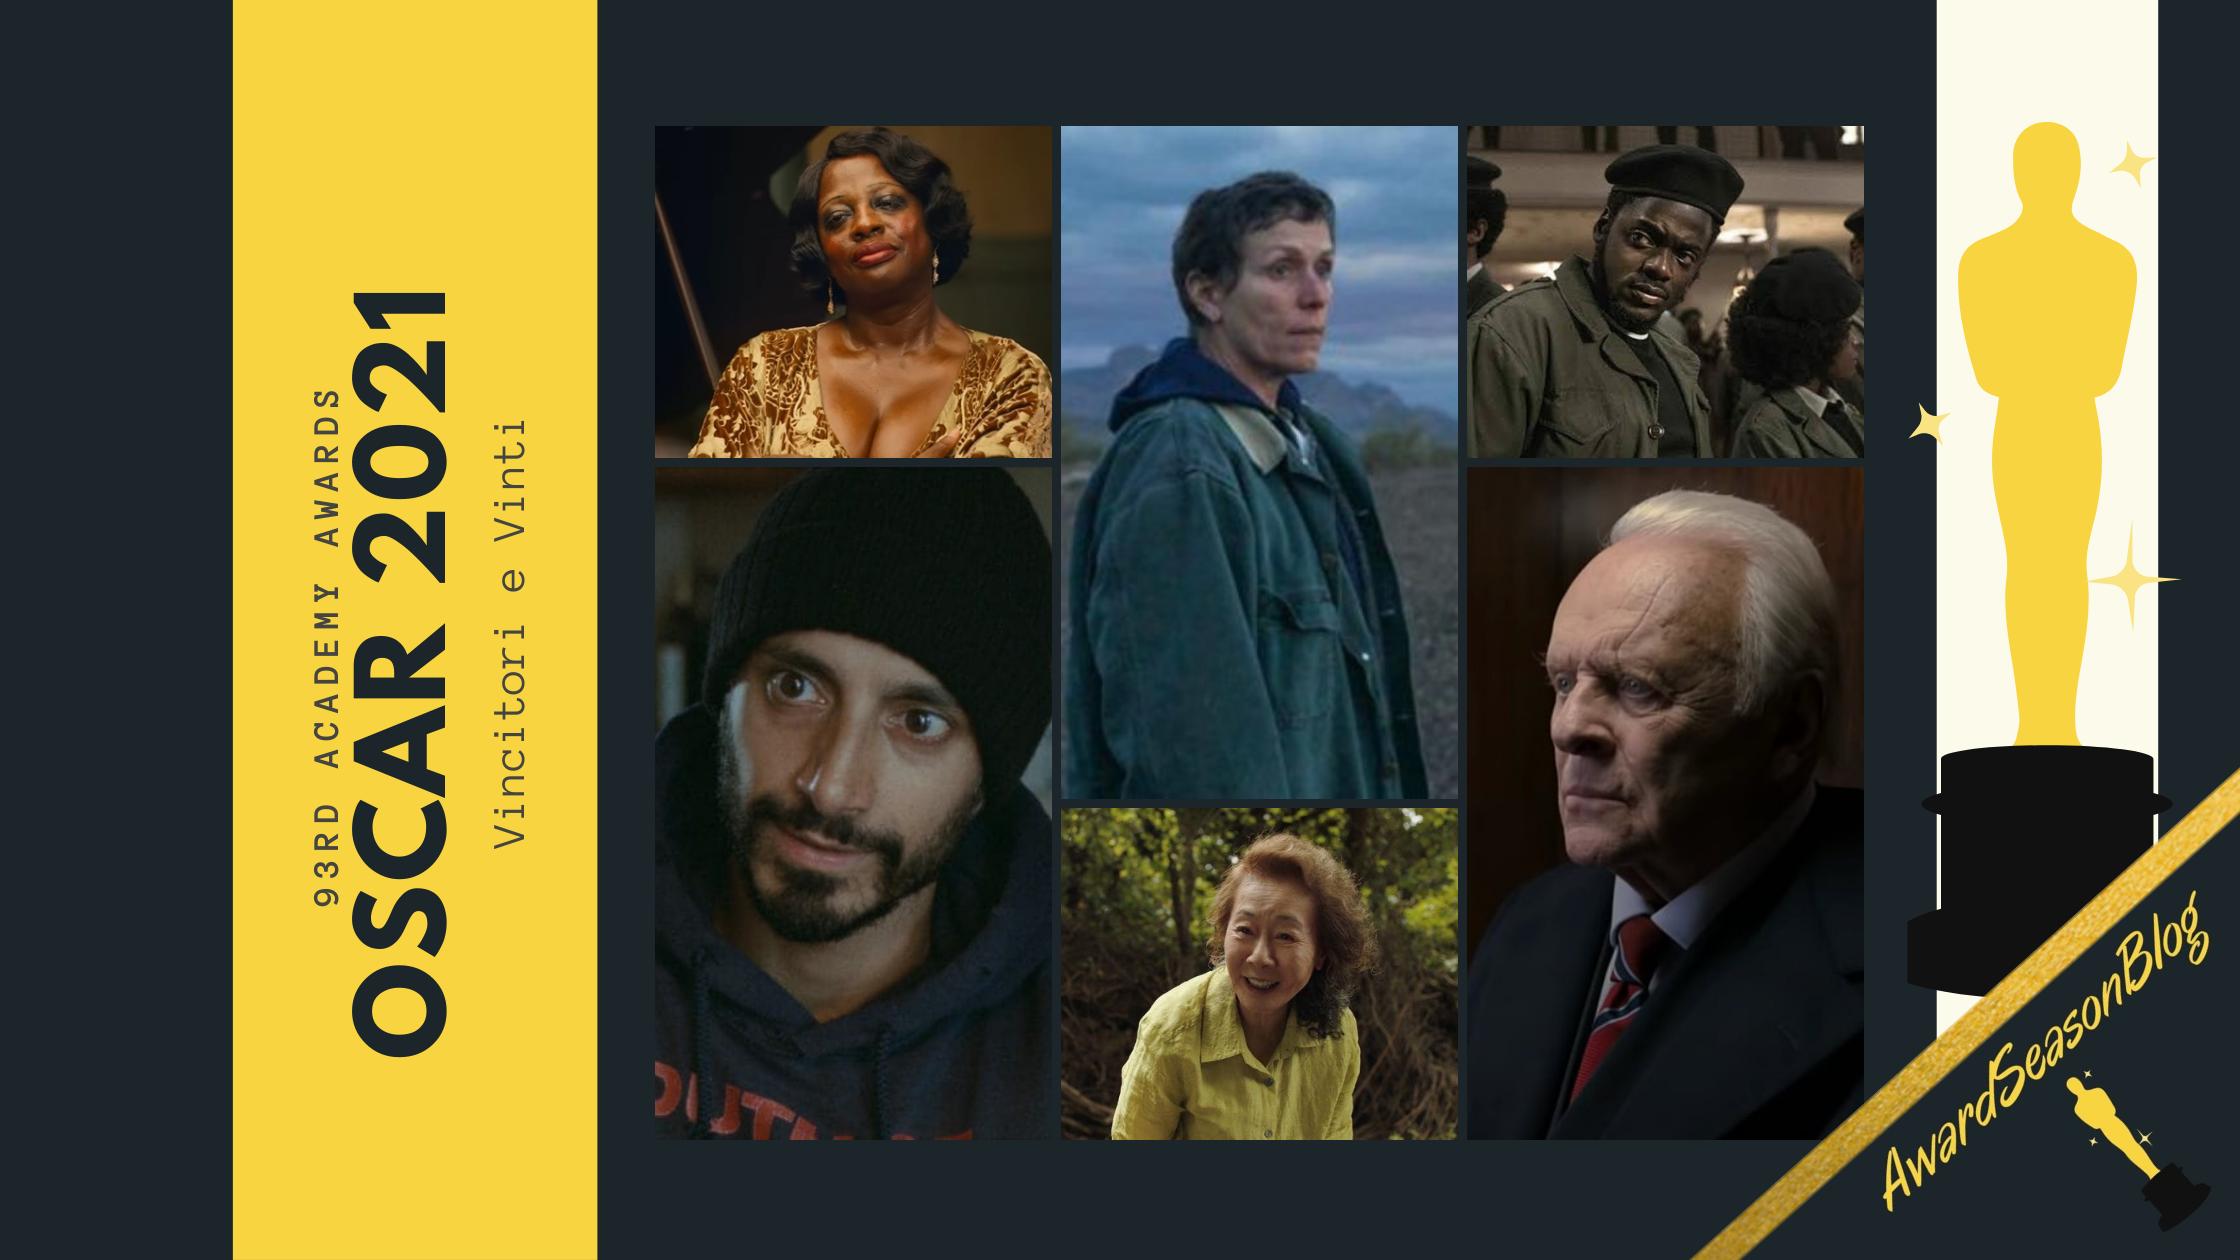 Oscar 2021: Nomadland di Chloé Zhao eletto miglior film dell'anno